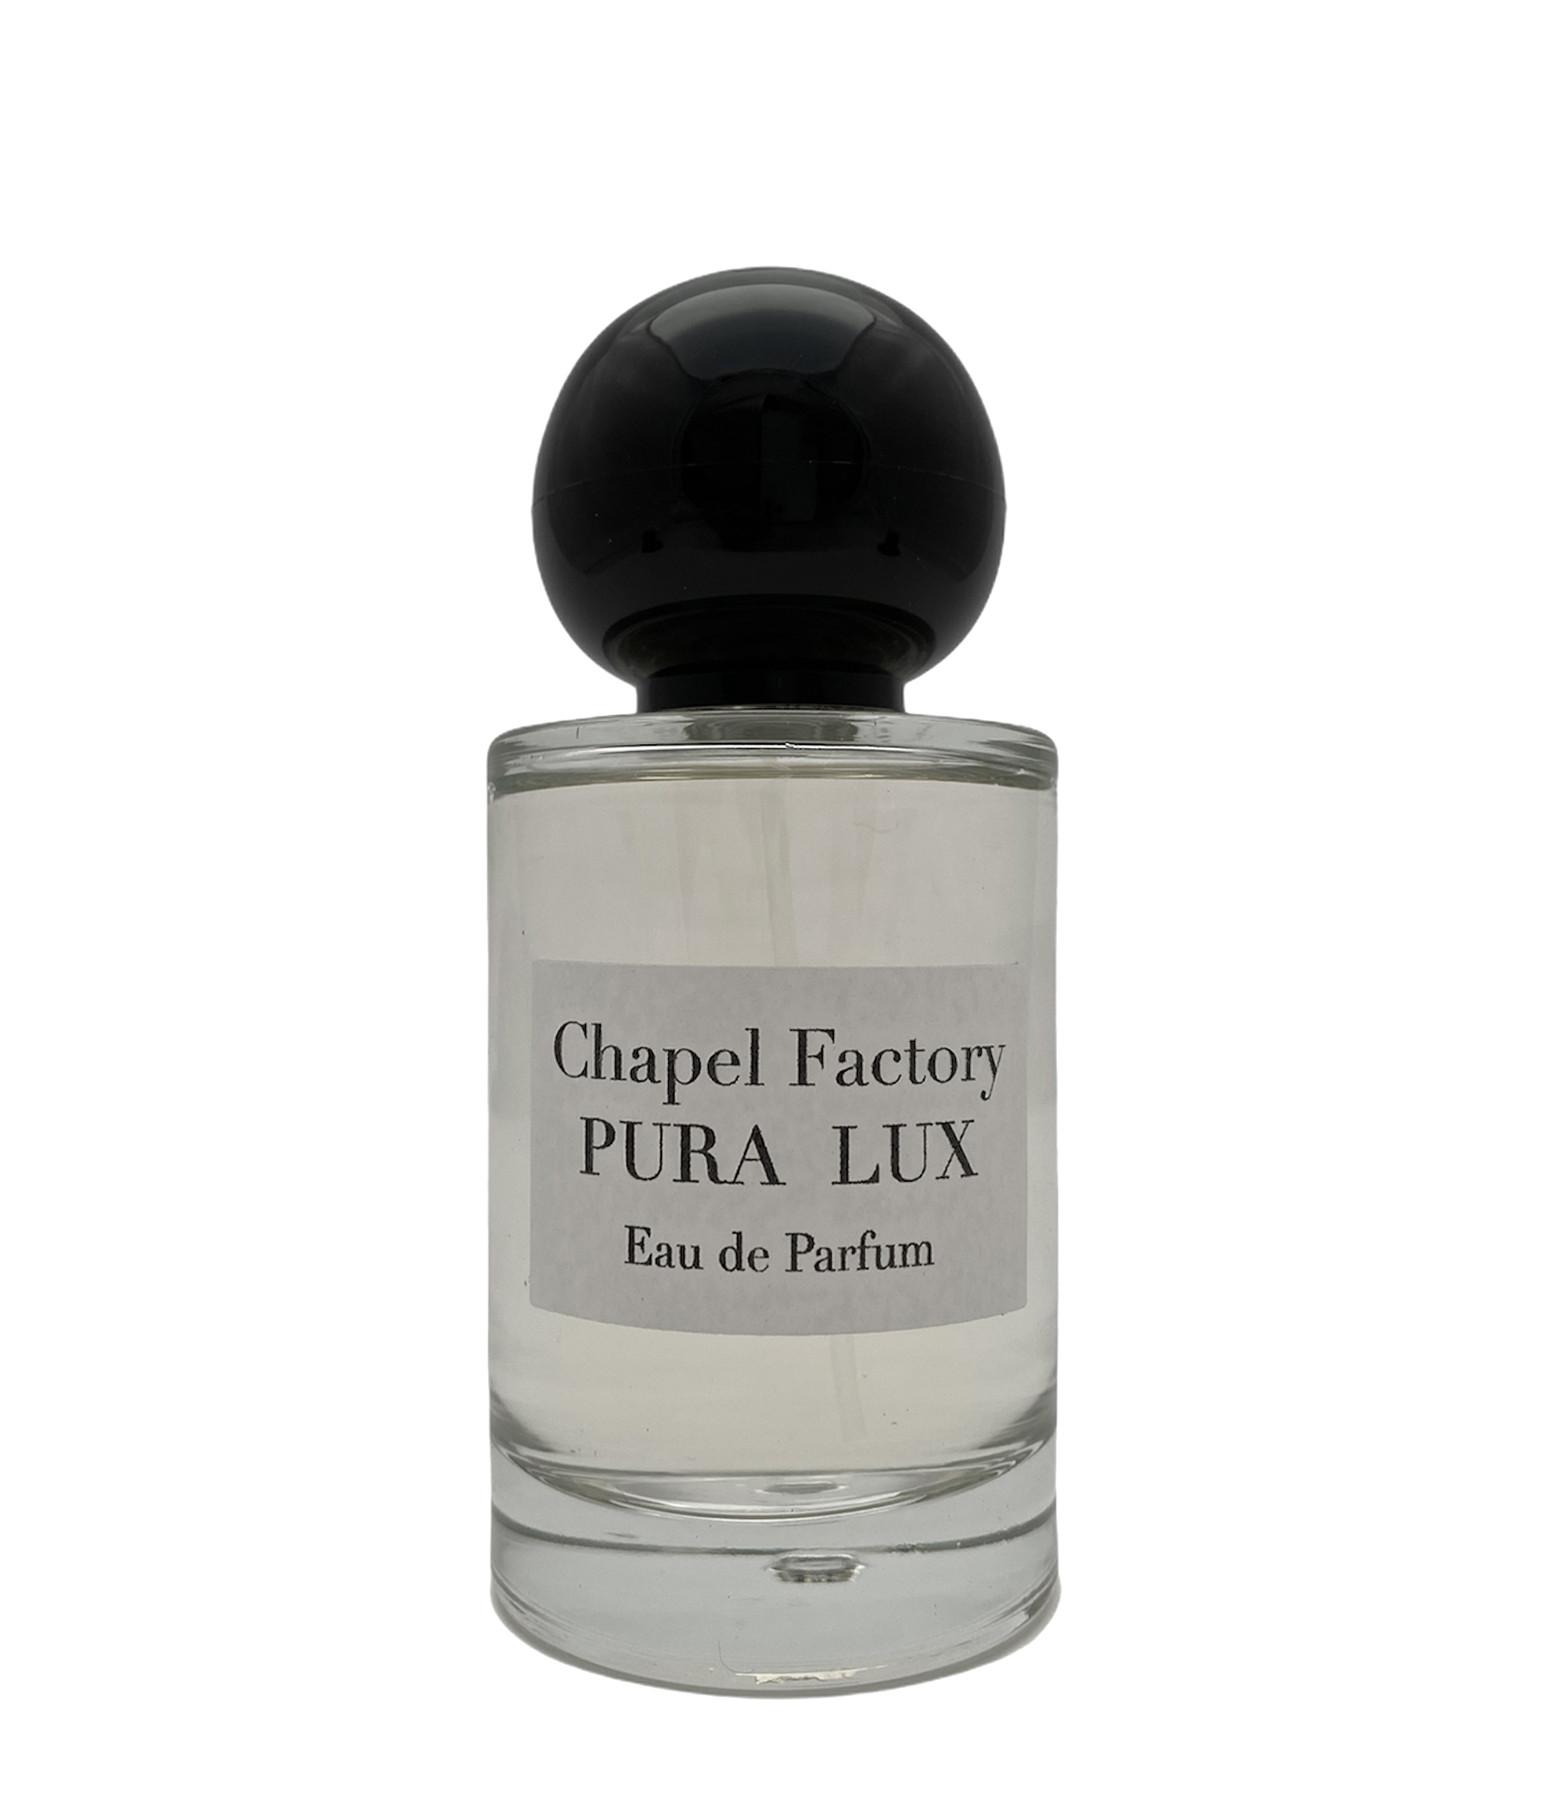 CHAPEL FACTORY - Eau de Parfum Puralux 100ml